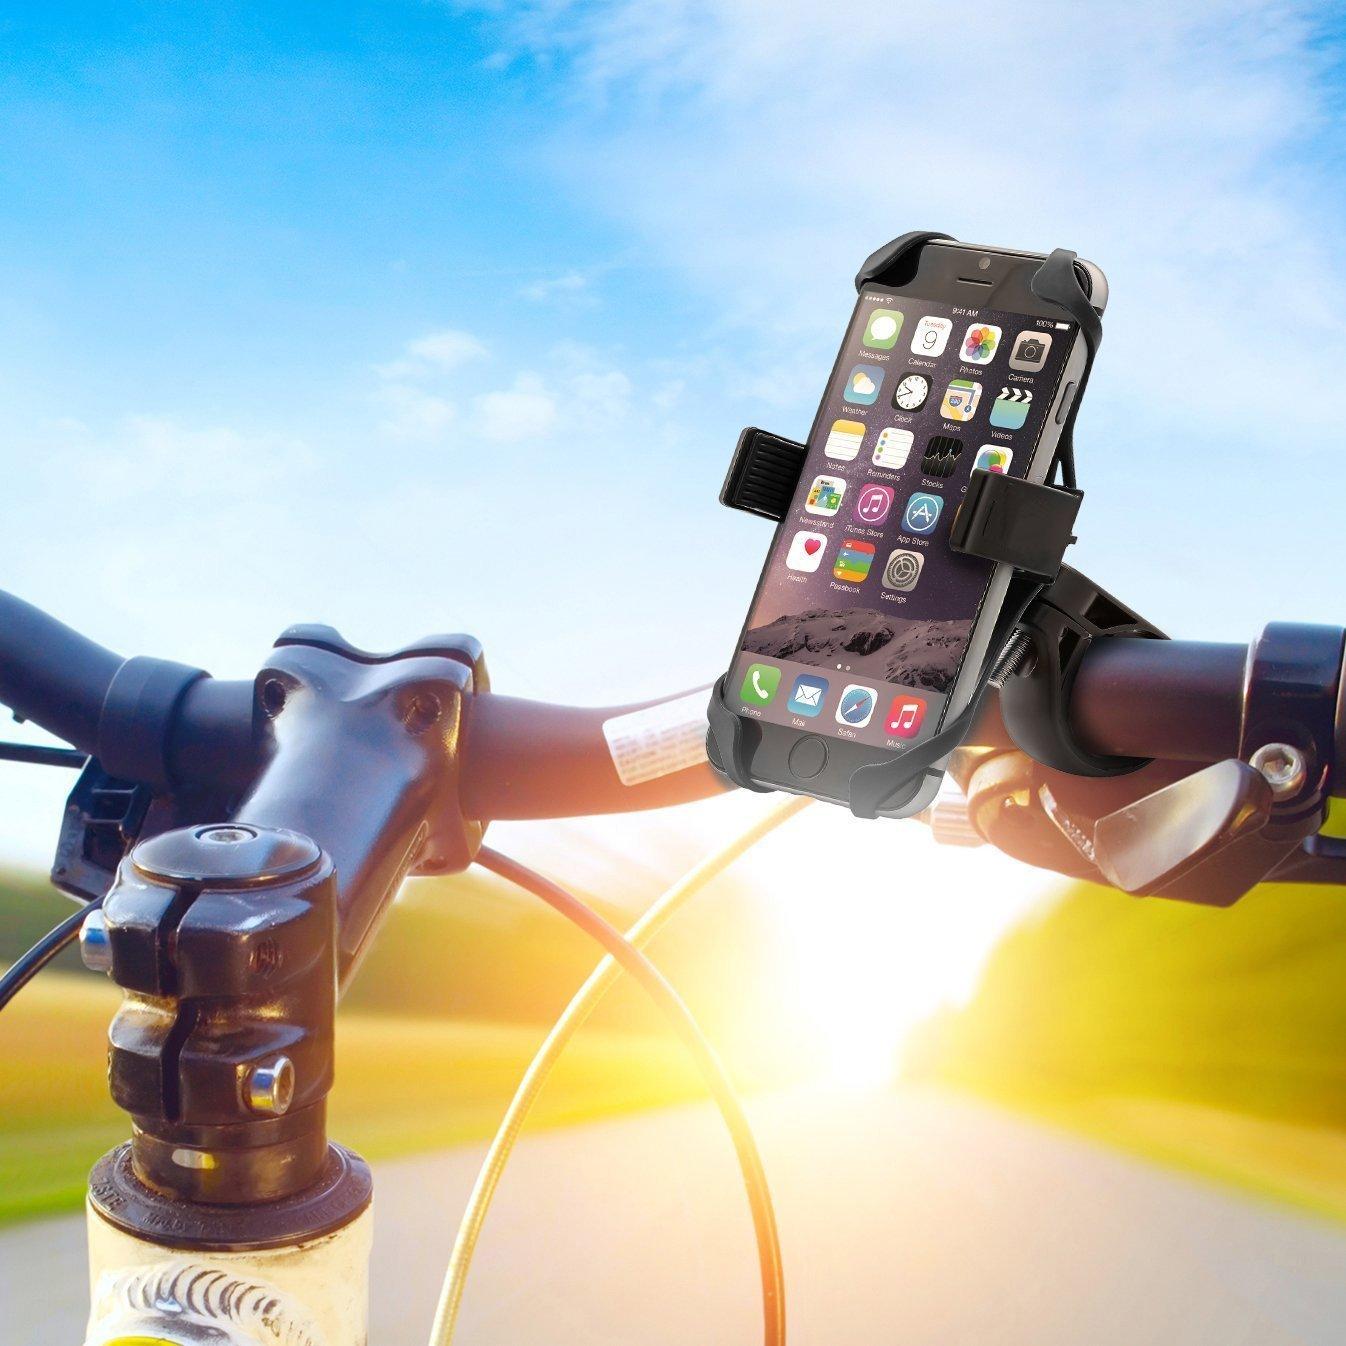 自転車用スマホホルダーを使ってiPhoneを取り付けたらナビ付きママチャリに大変身したよ